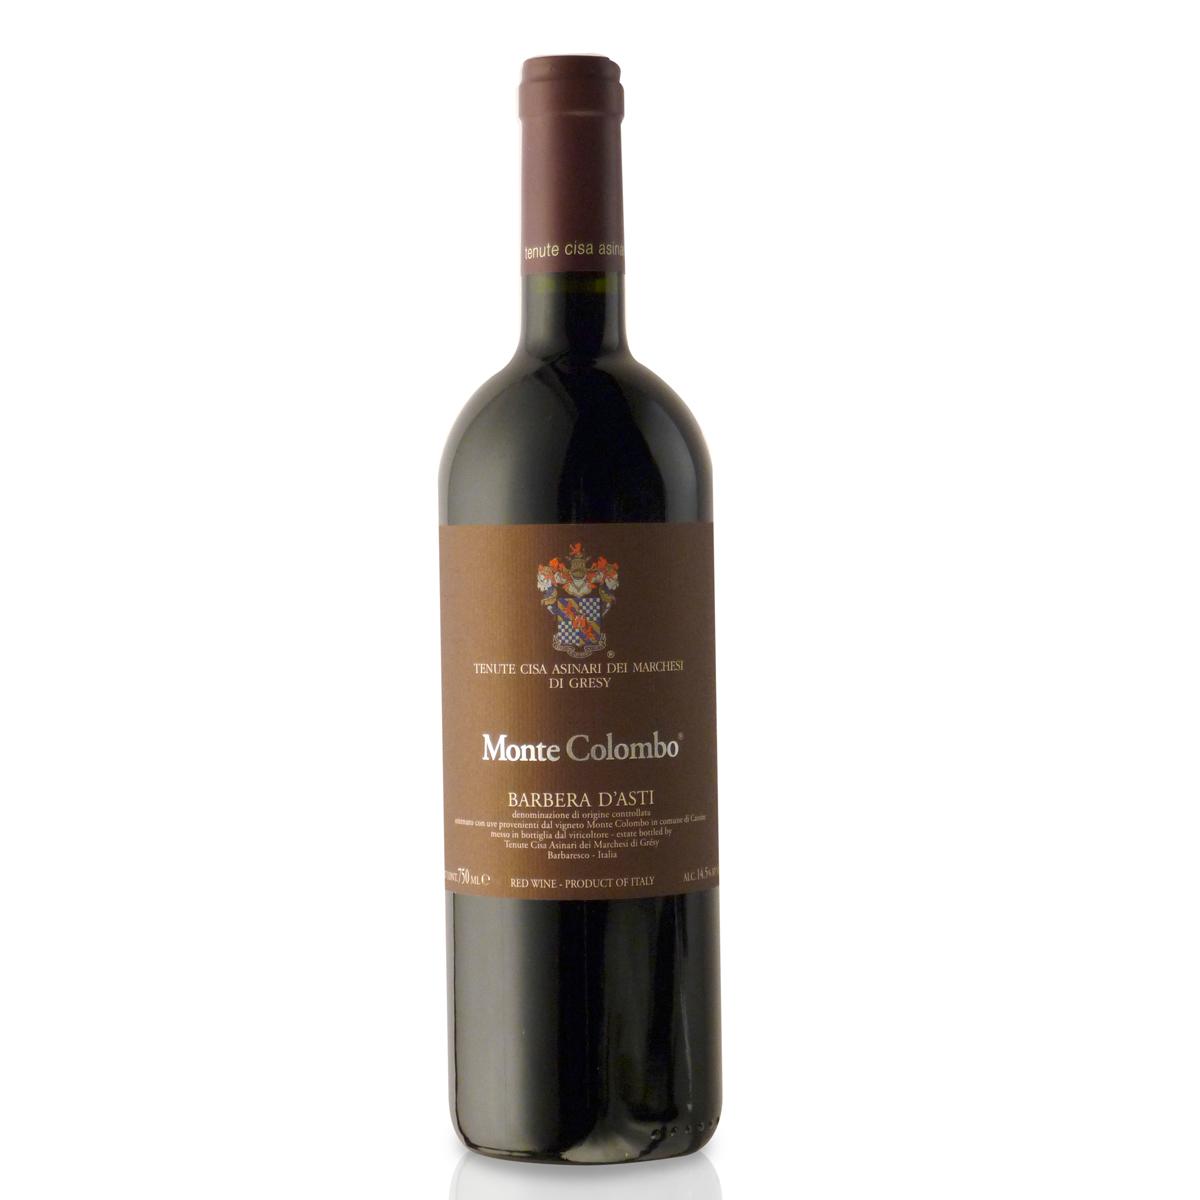 Barbera d'Asti Monte Colombo - Vini Rossi del Piemonte - Privilege Wine